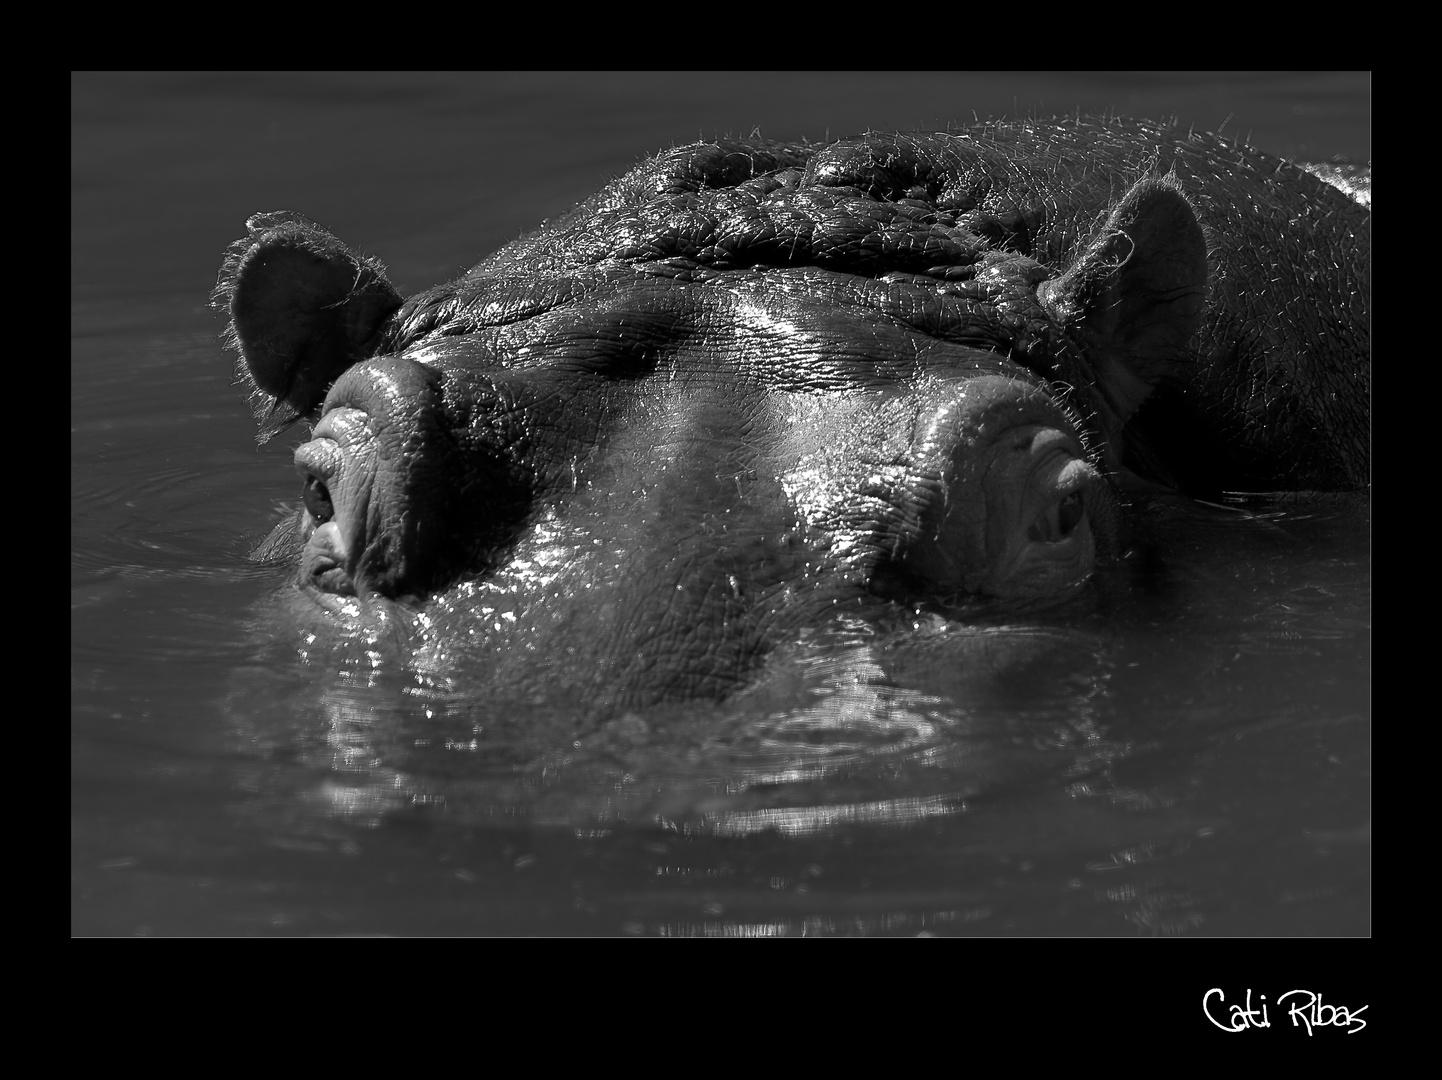 hipopotamo en el agua